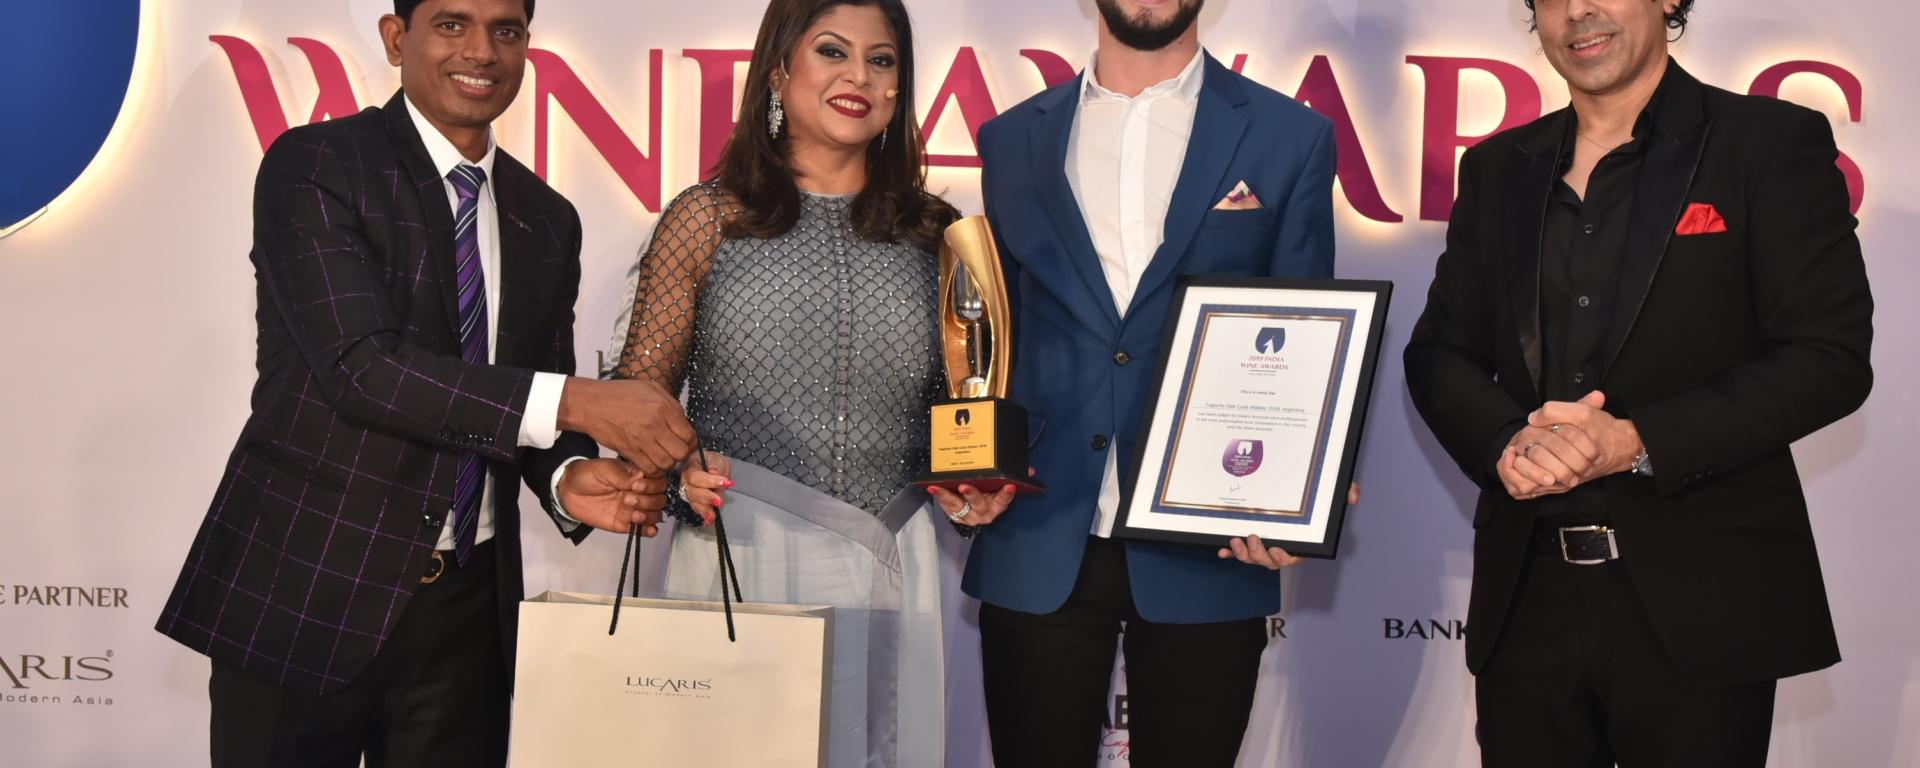 Sula Nashik Award